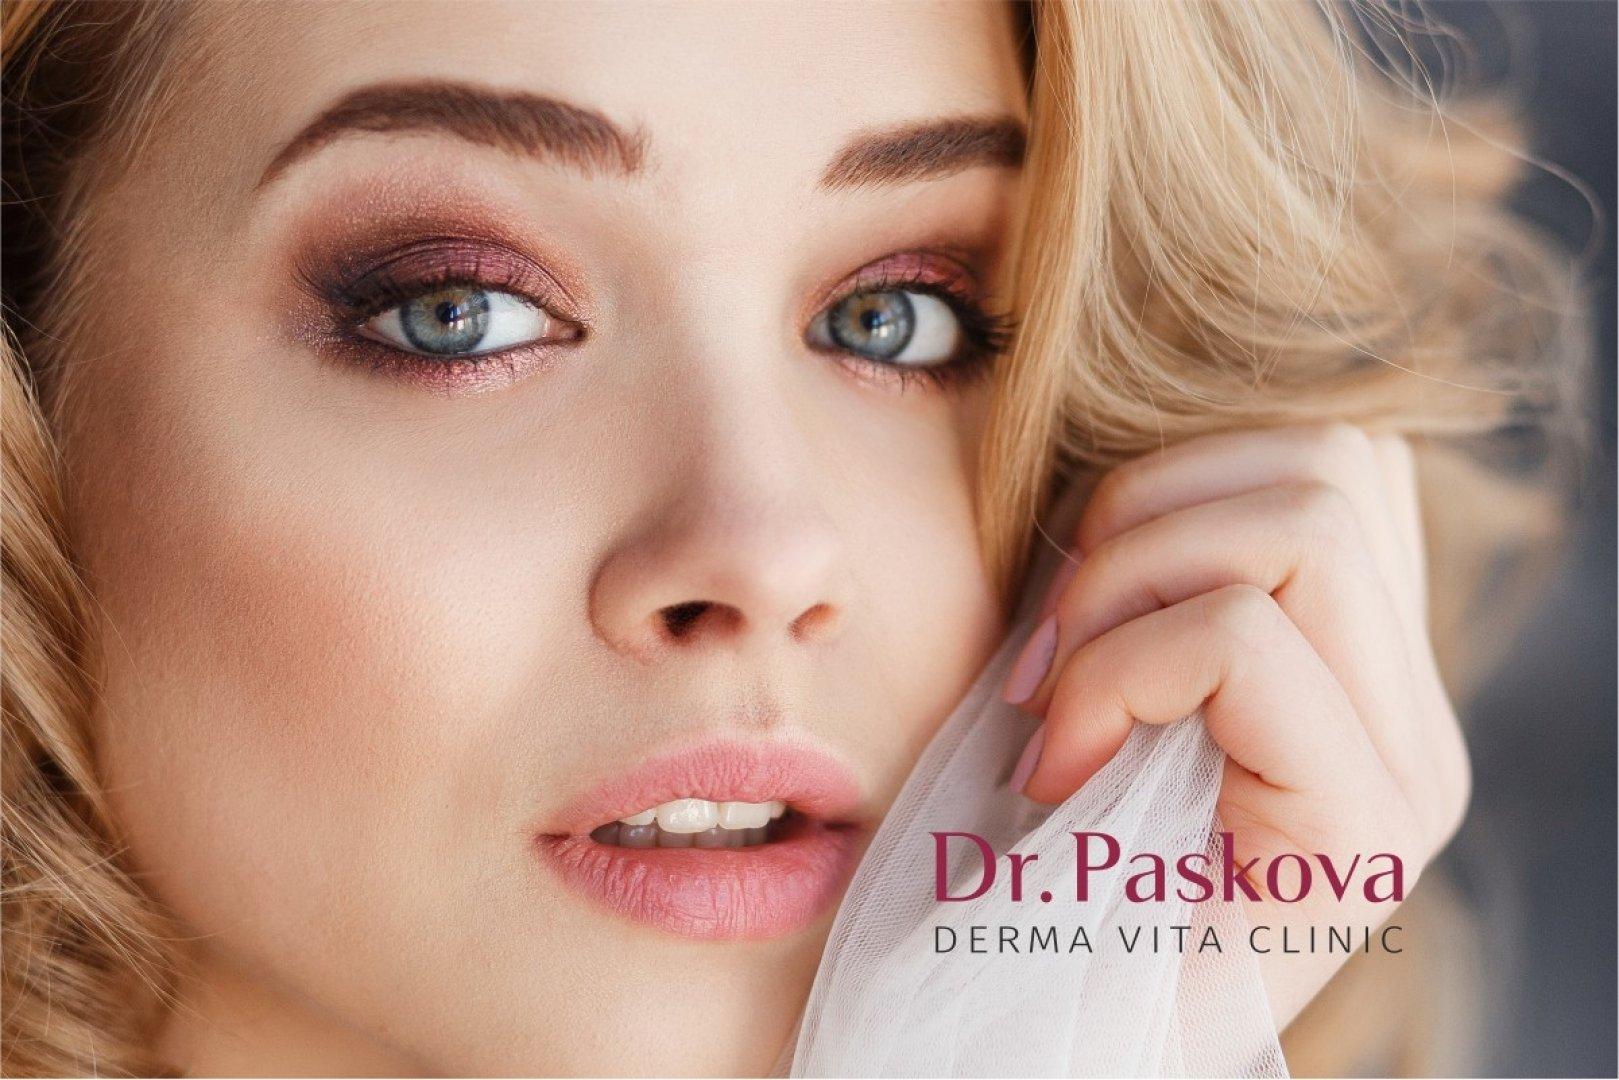 За оптимална грижа, се препоръчват между 3 и 4 процедури, в зависимост от състоянието на кожата